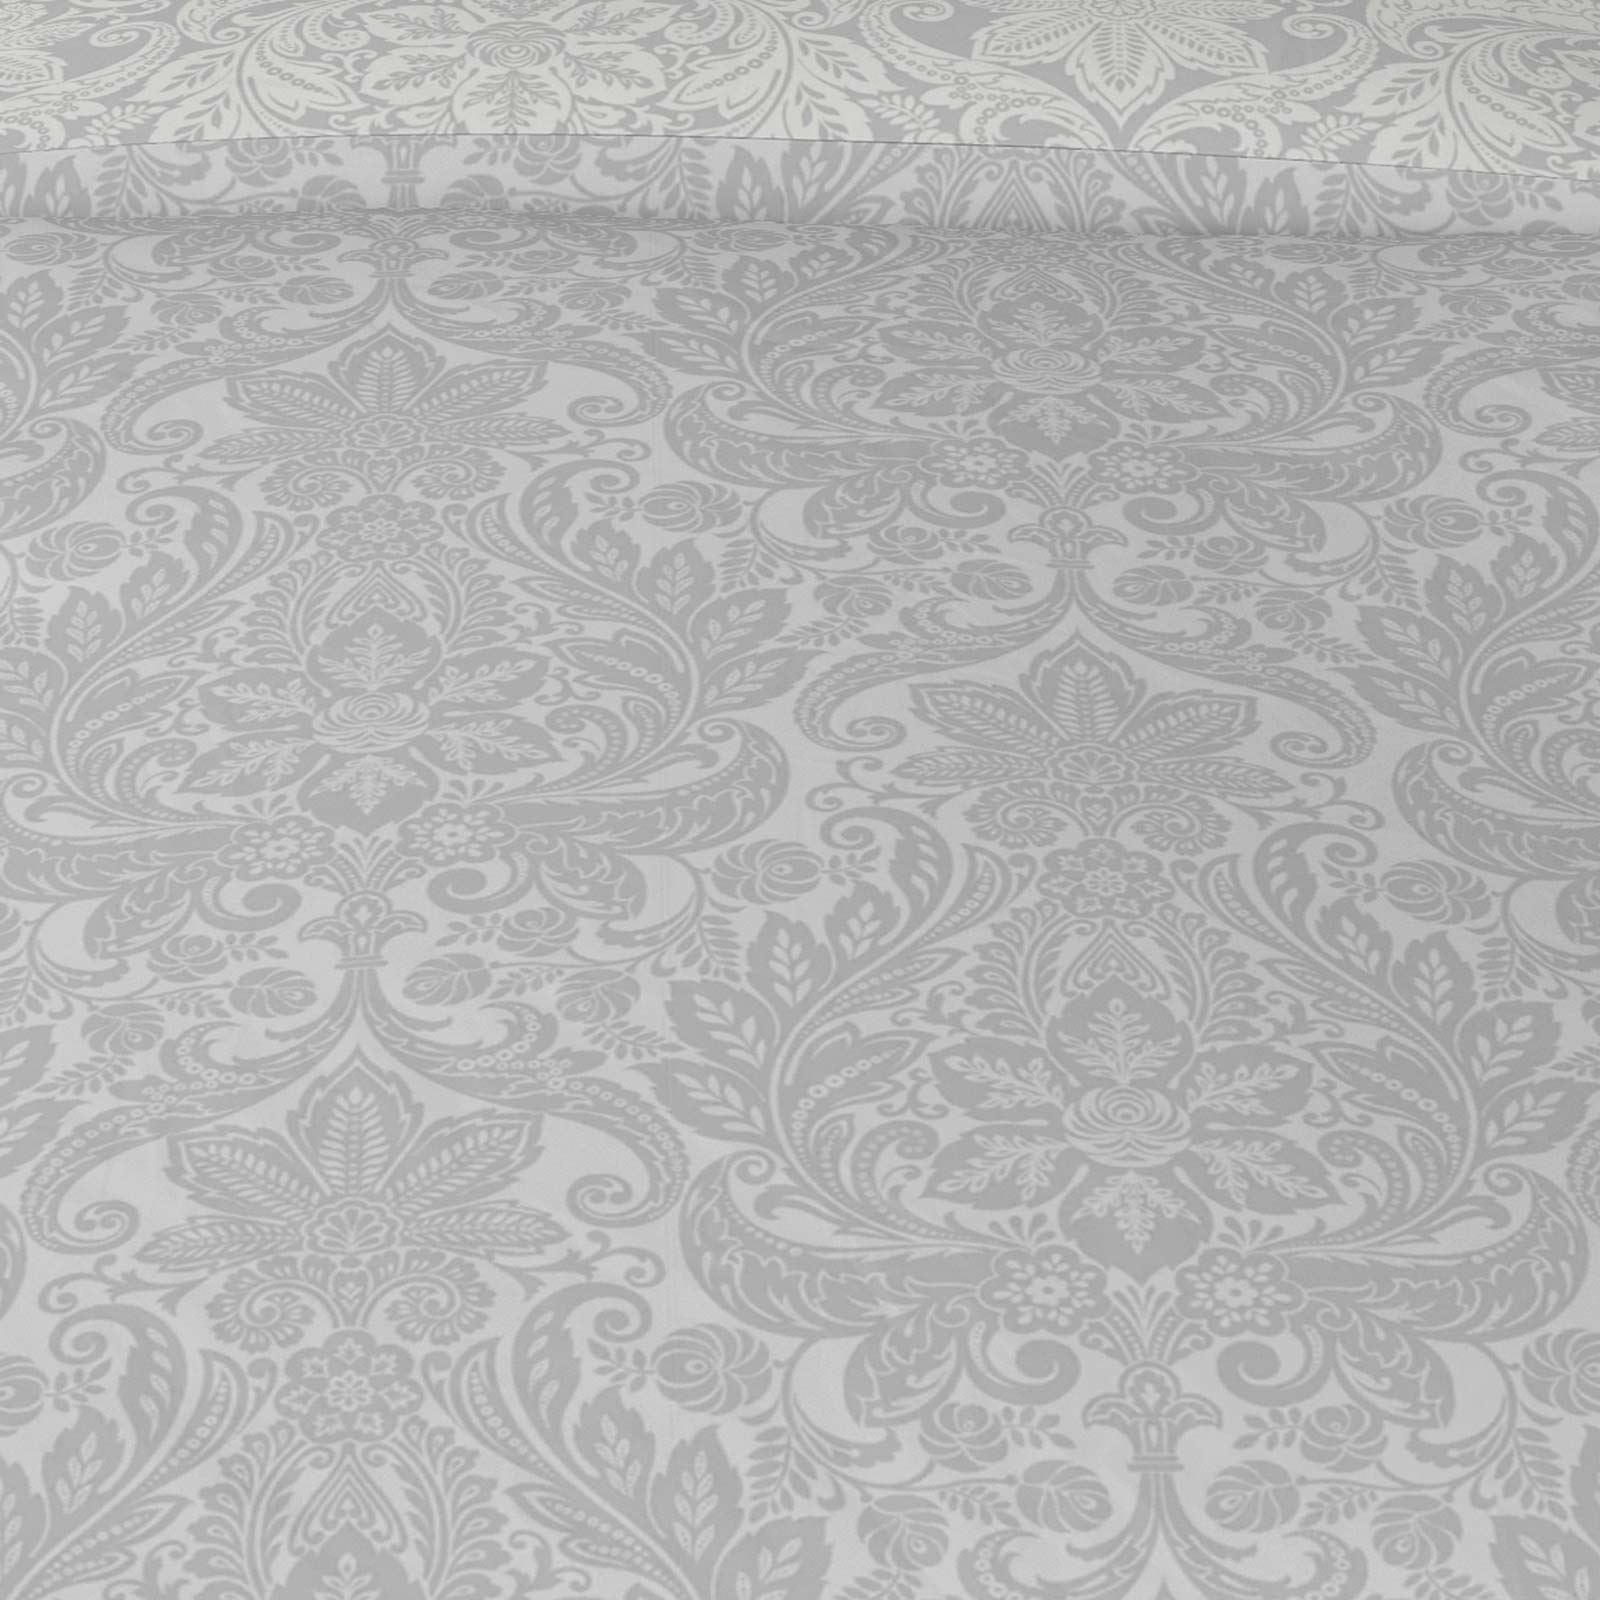 Grigio-Argento-Copripiumino-Stampato-Jacquard-Quilt-Set-Set-di-biancheria-da-letto-copre miniatura 45